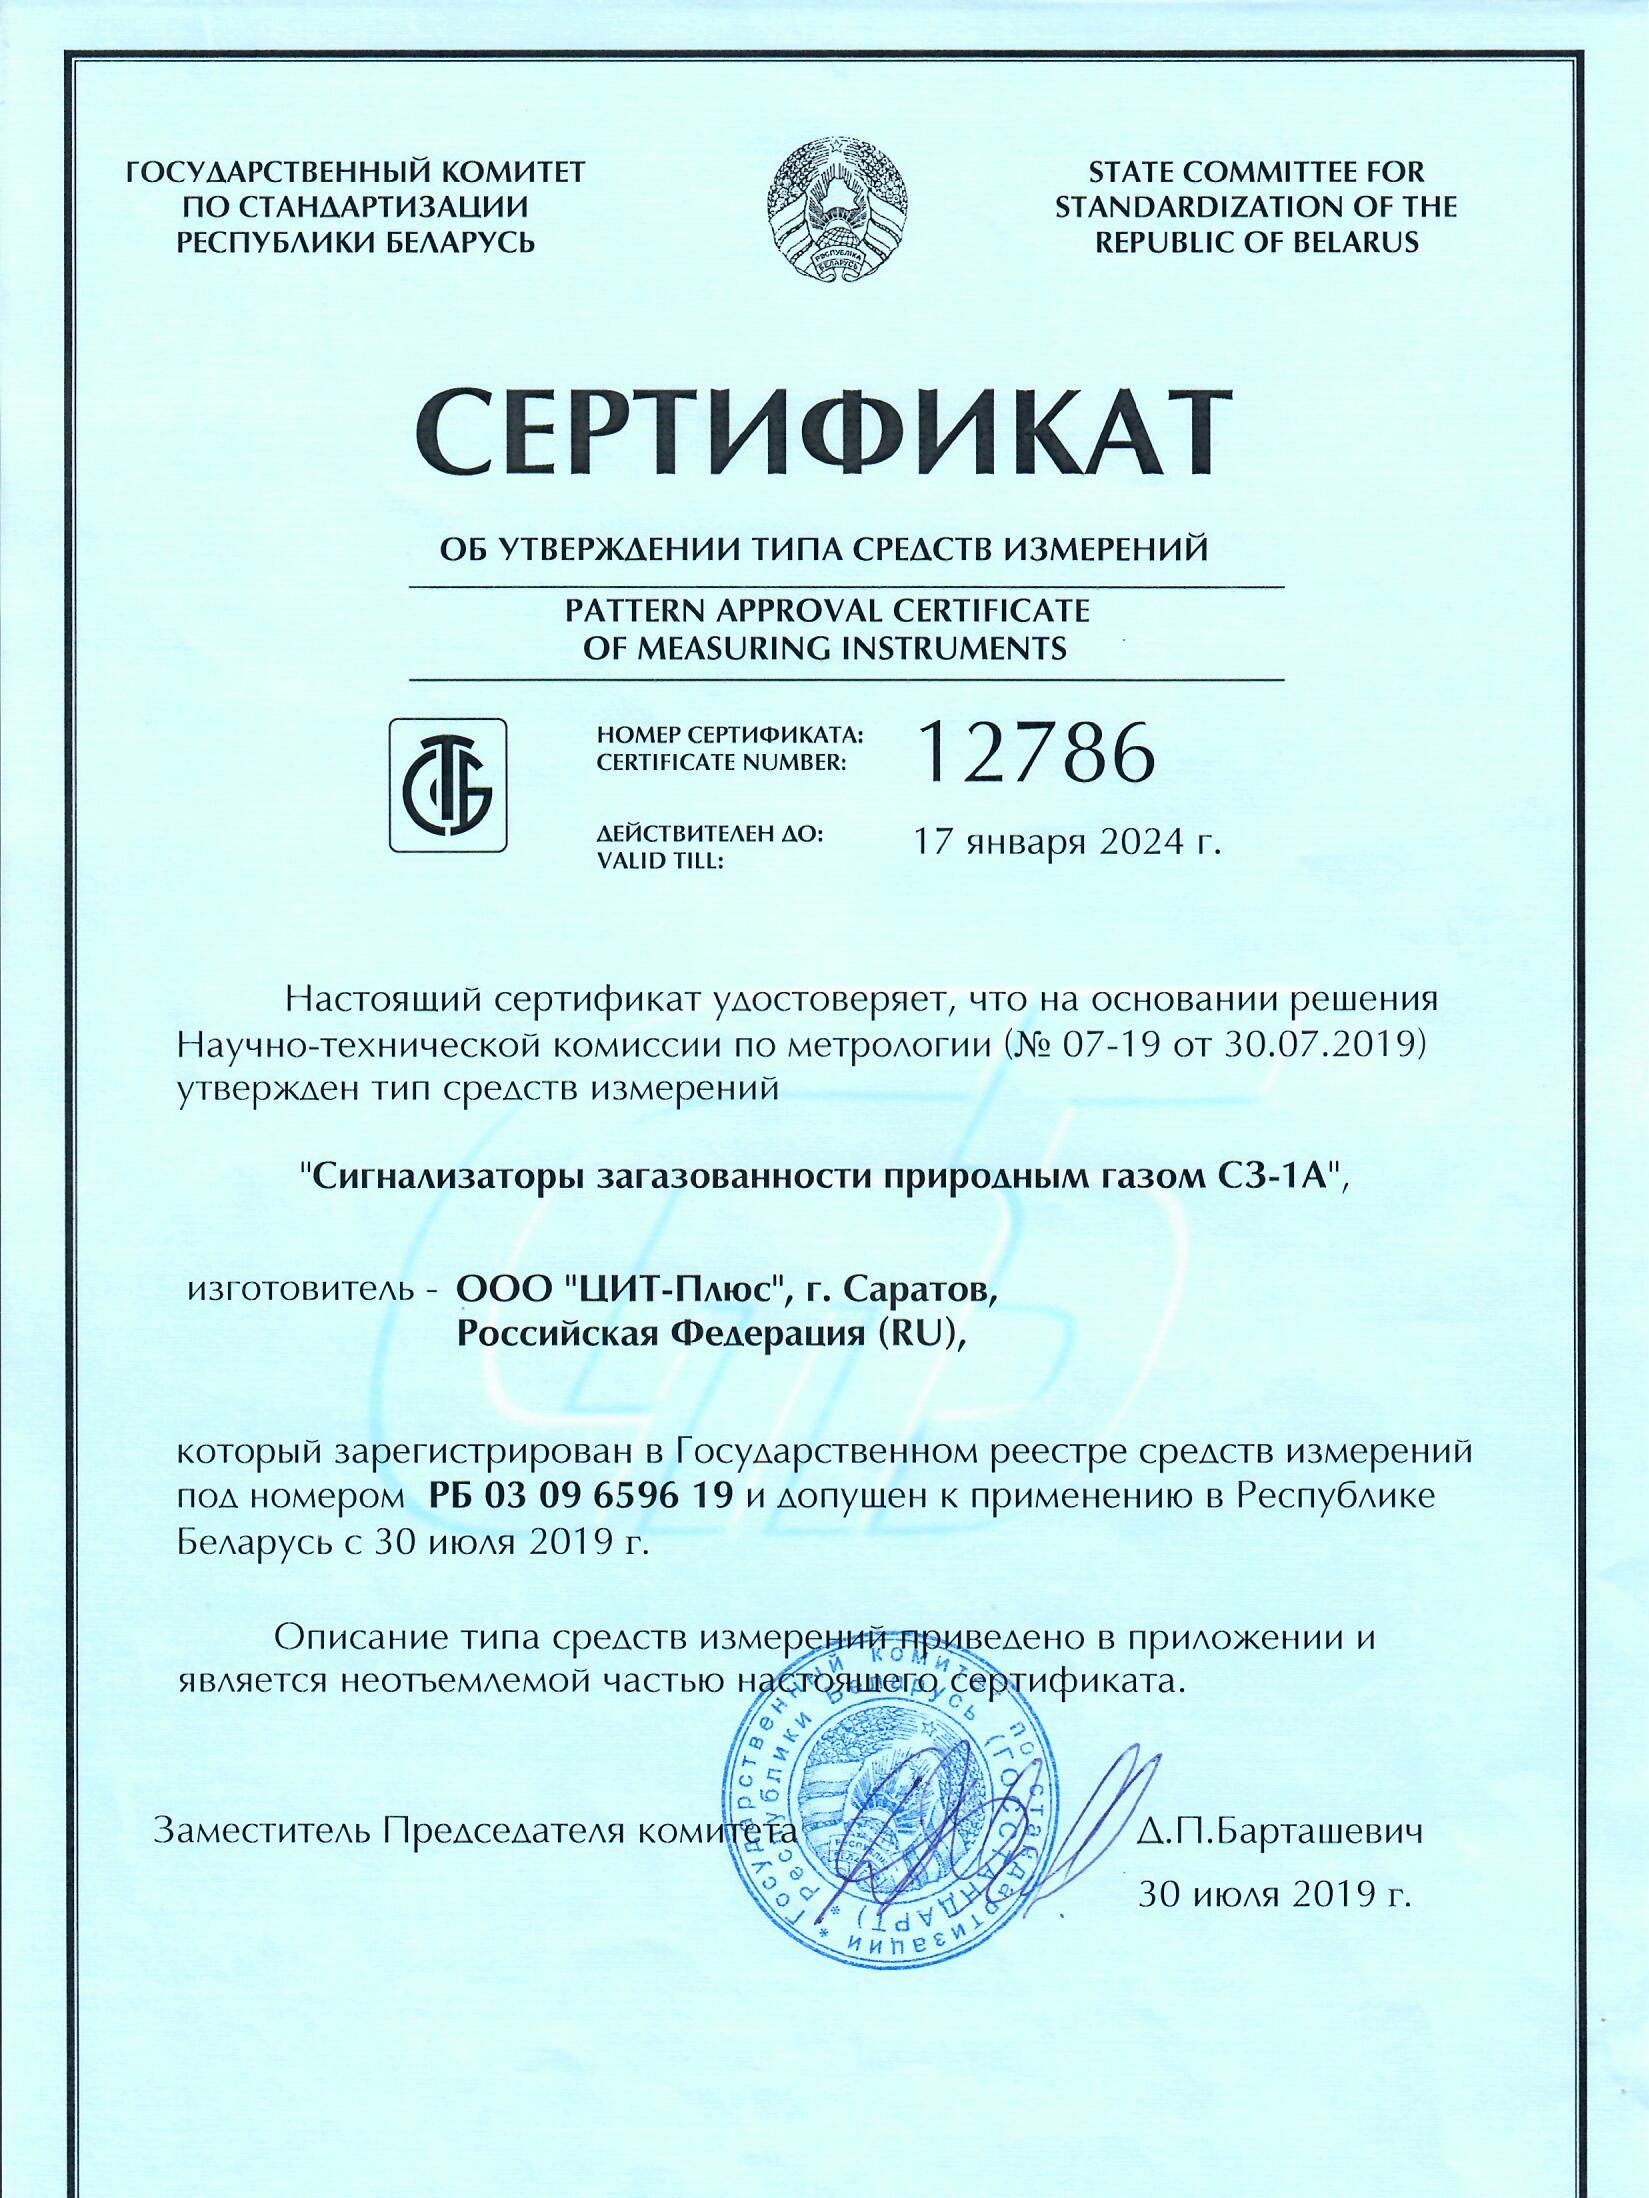 Сертификаты соответствия (Республика Беларусь)